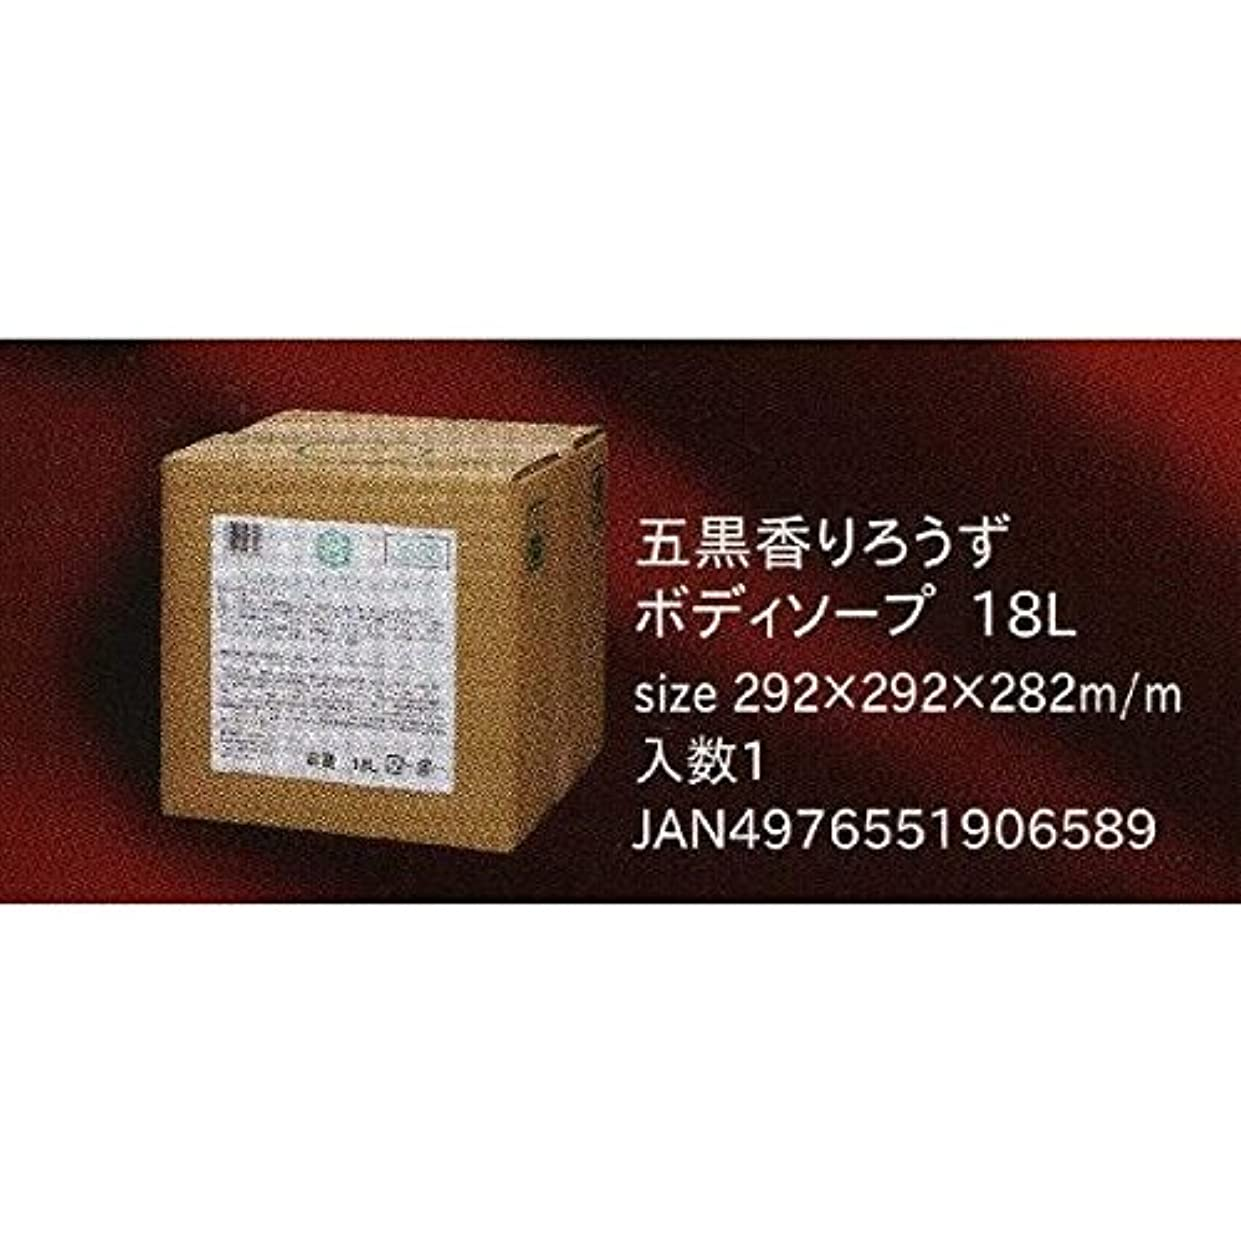 ボーダーまどろみのある減らす五黒香りろうず ボディソープ / 18L 1個